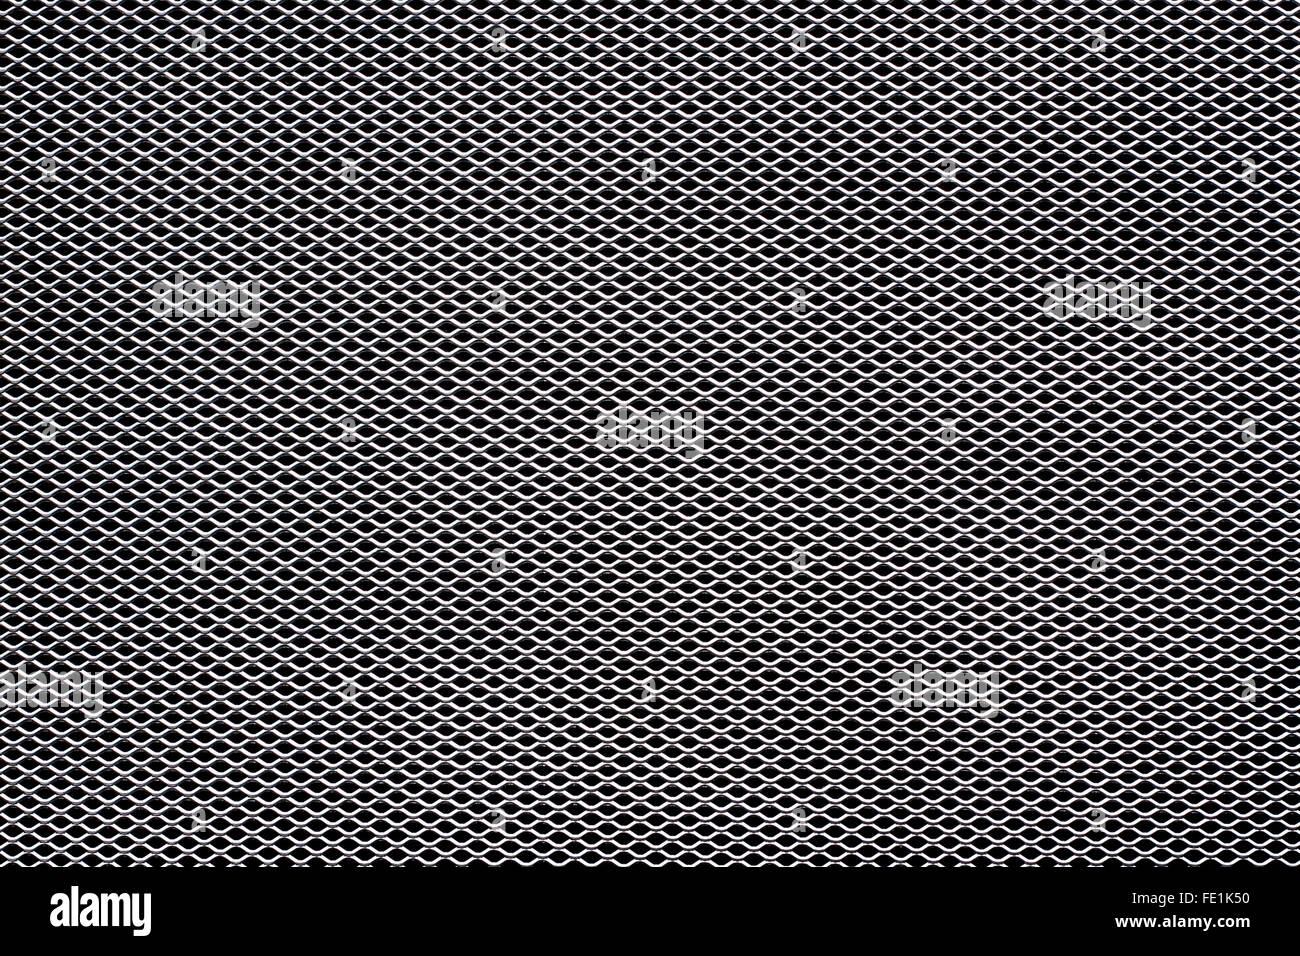 Net - Metall Textur oder Hintergrund Stockbild